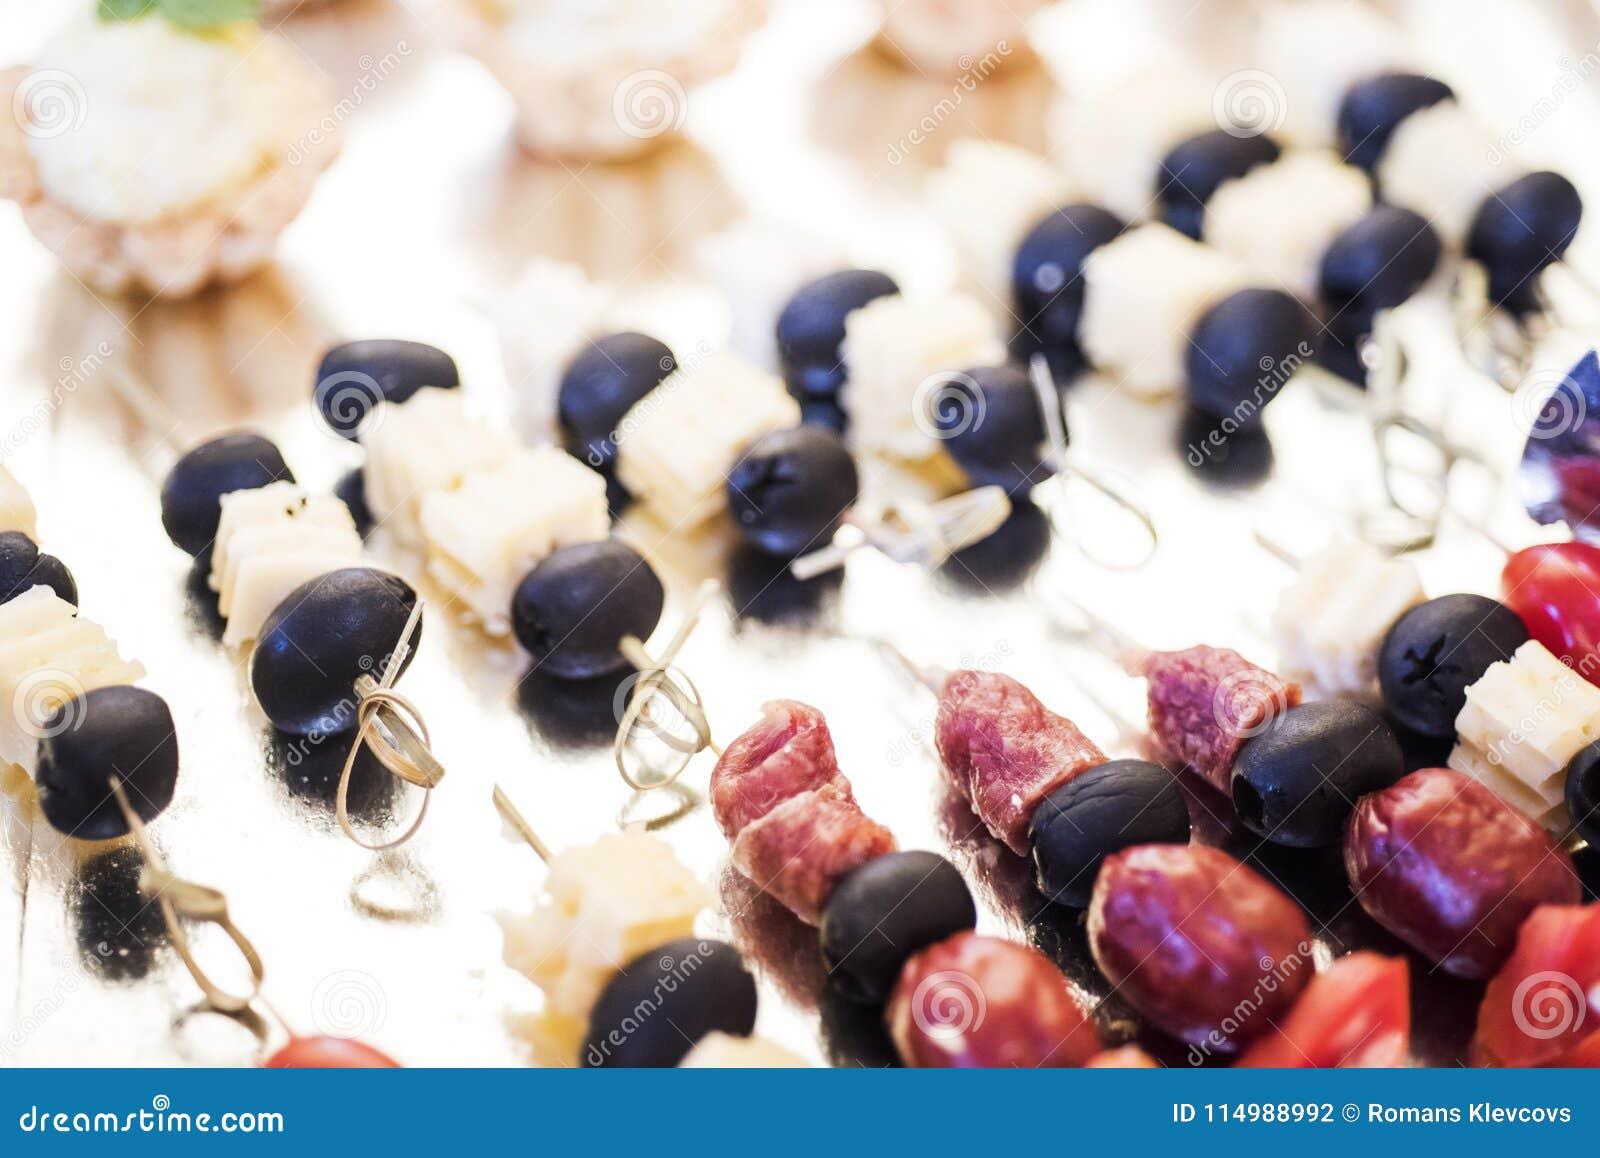 De zomerdessert van vruchten en bessen wordt gemaakt die